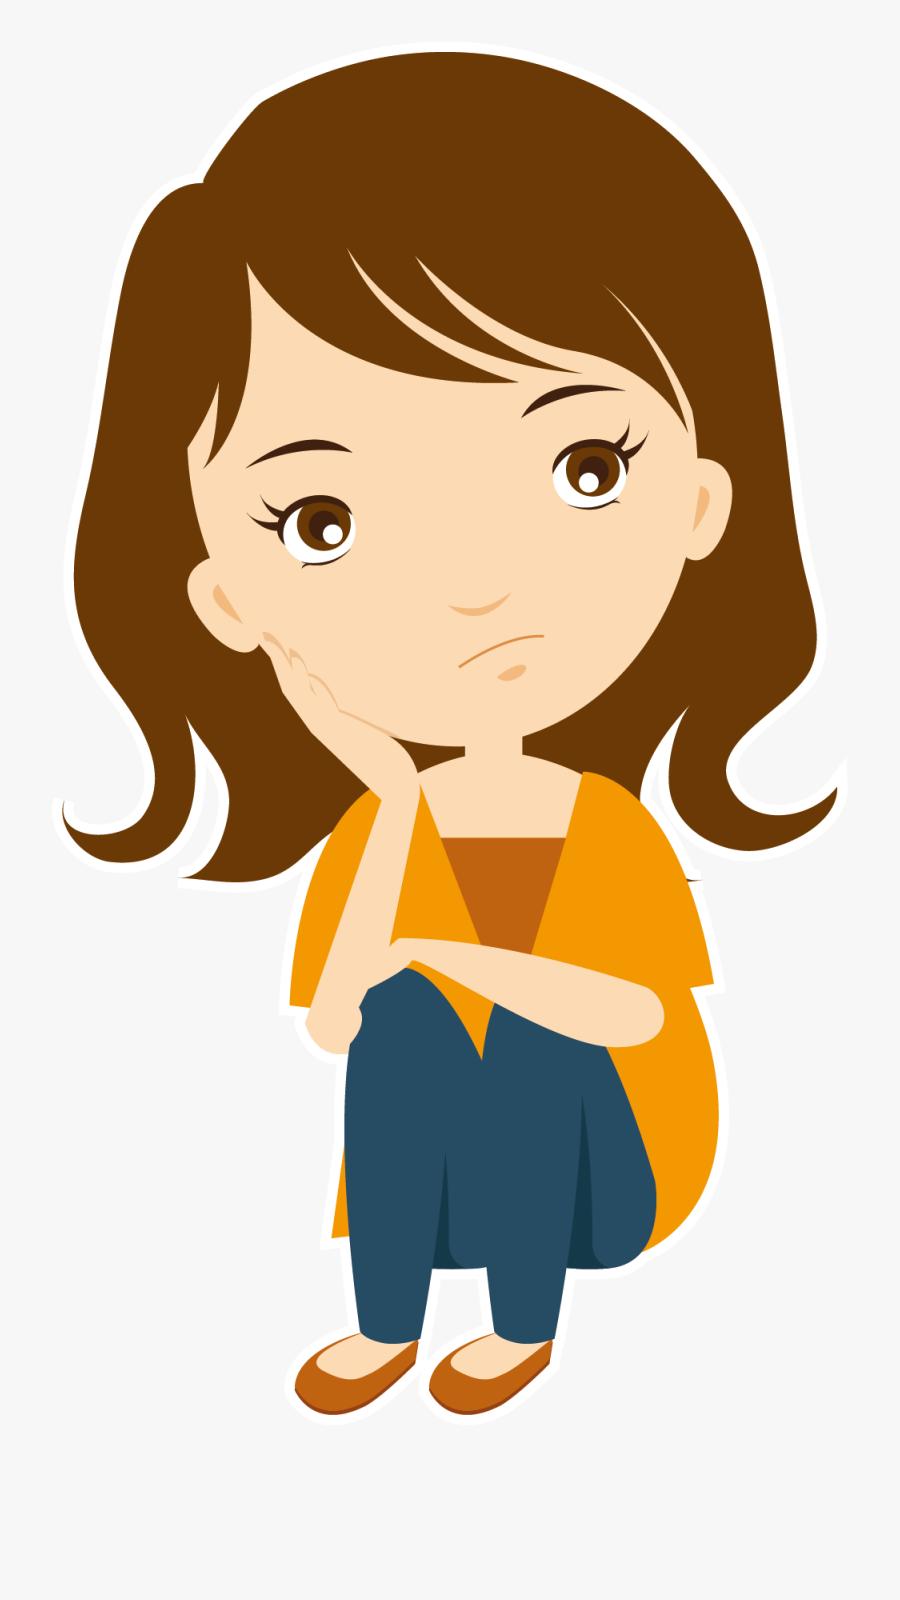 Roke Na Ruke Naina Clip Art - Png Of Girl Thinking, Transparent Clipart